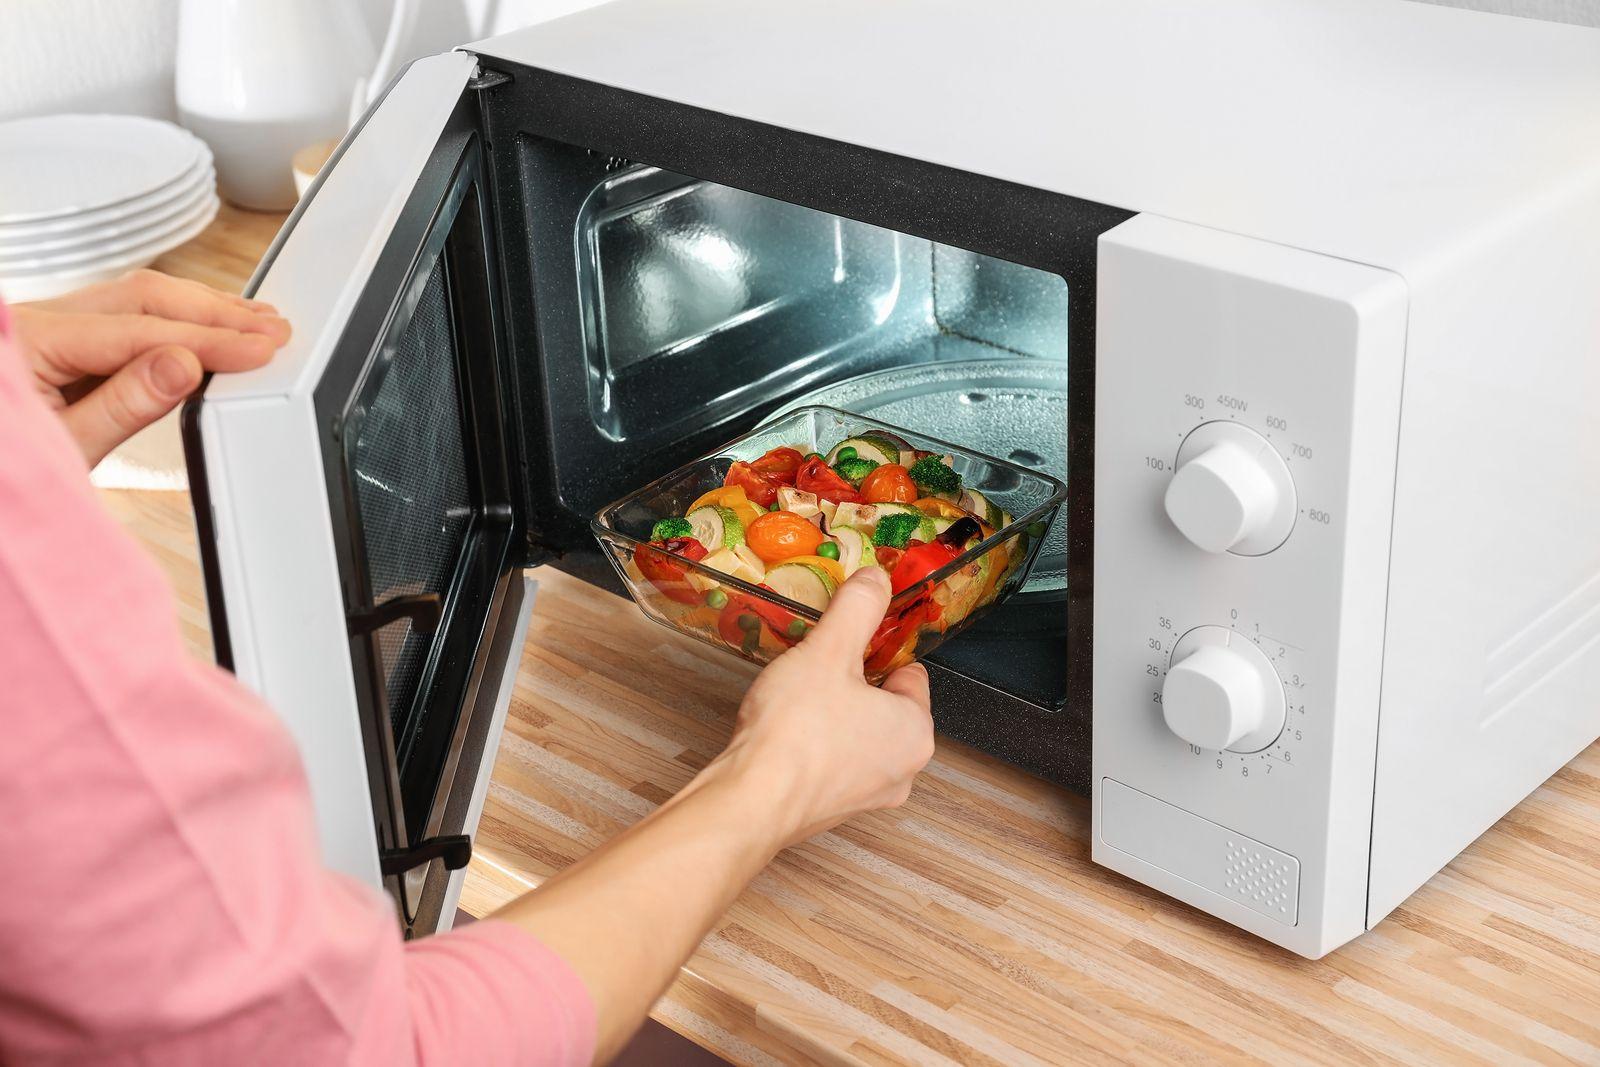 Recetas De Cocina Utilizando Solo El Microondas